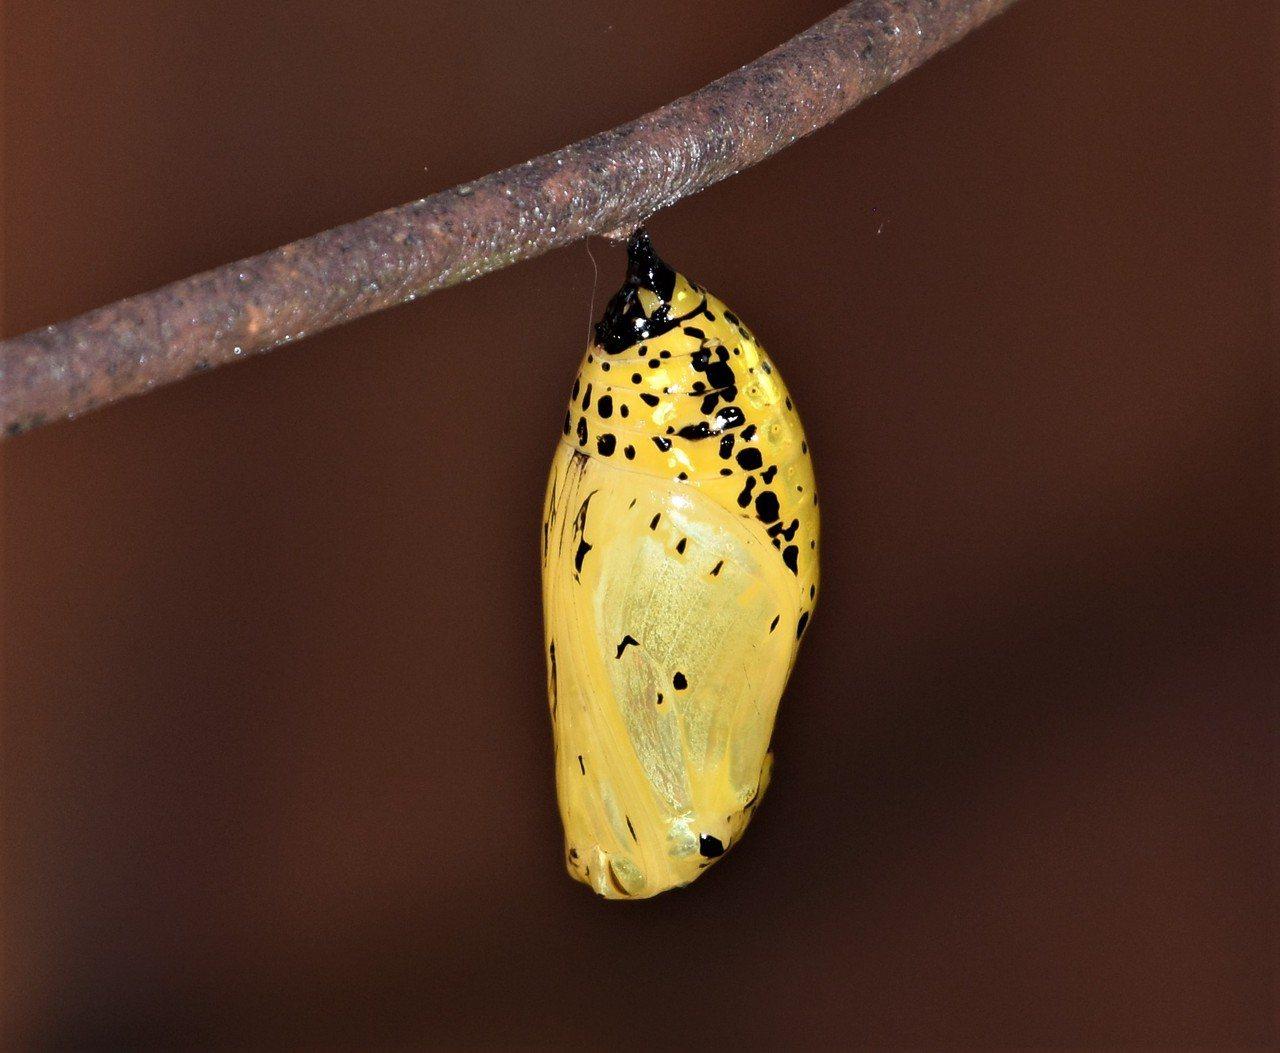 大白斑蝶的金色蛹 圖/沈正柔 提供